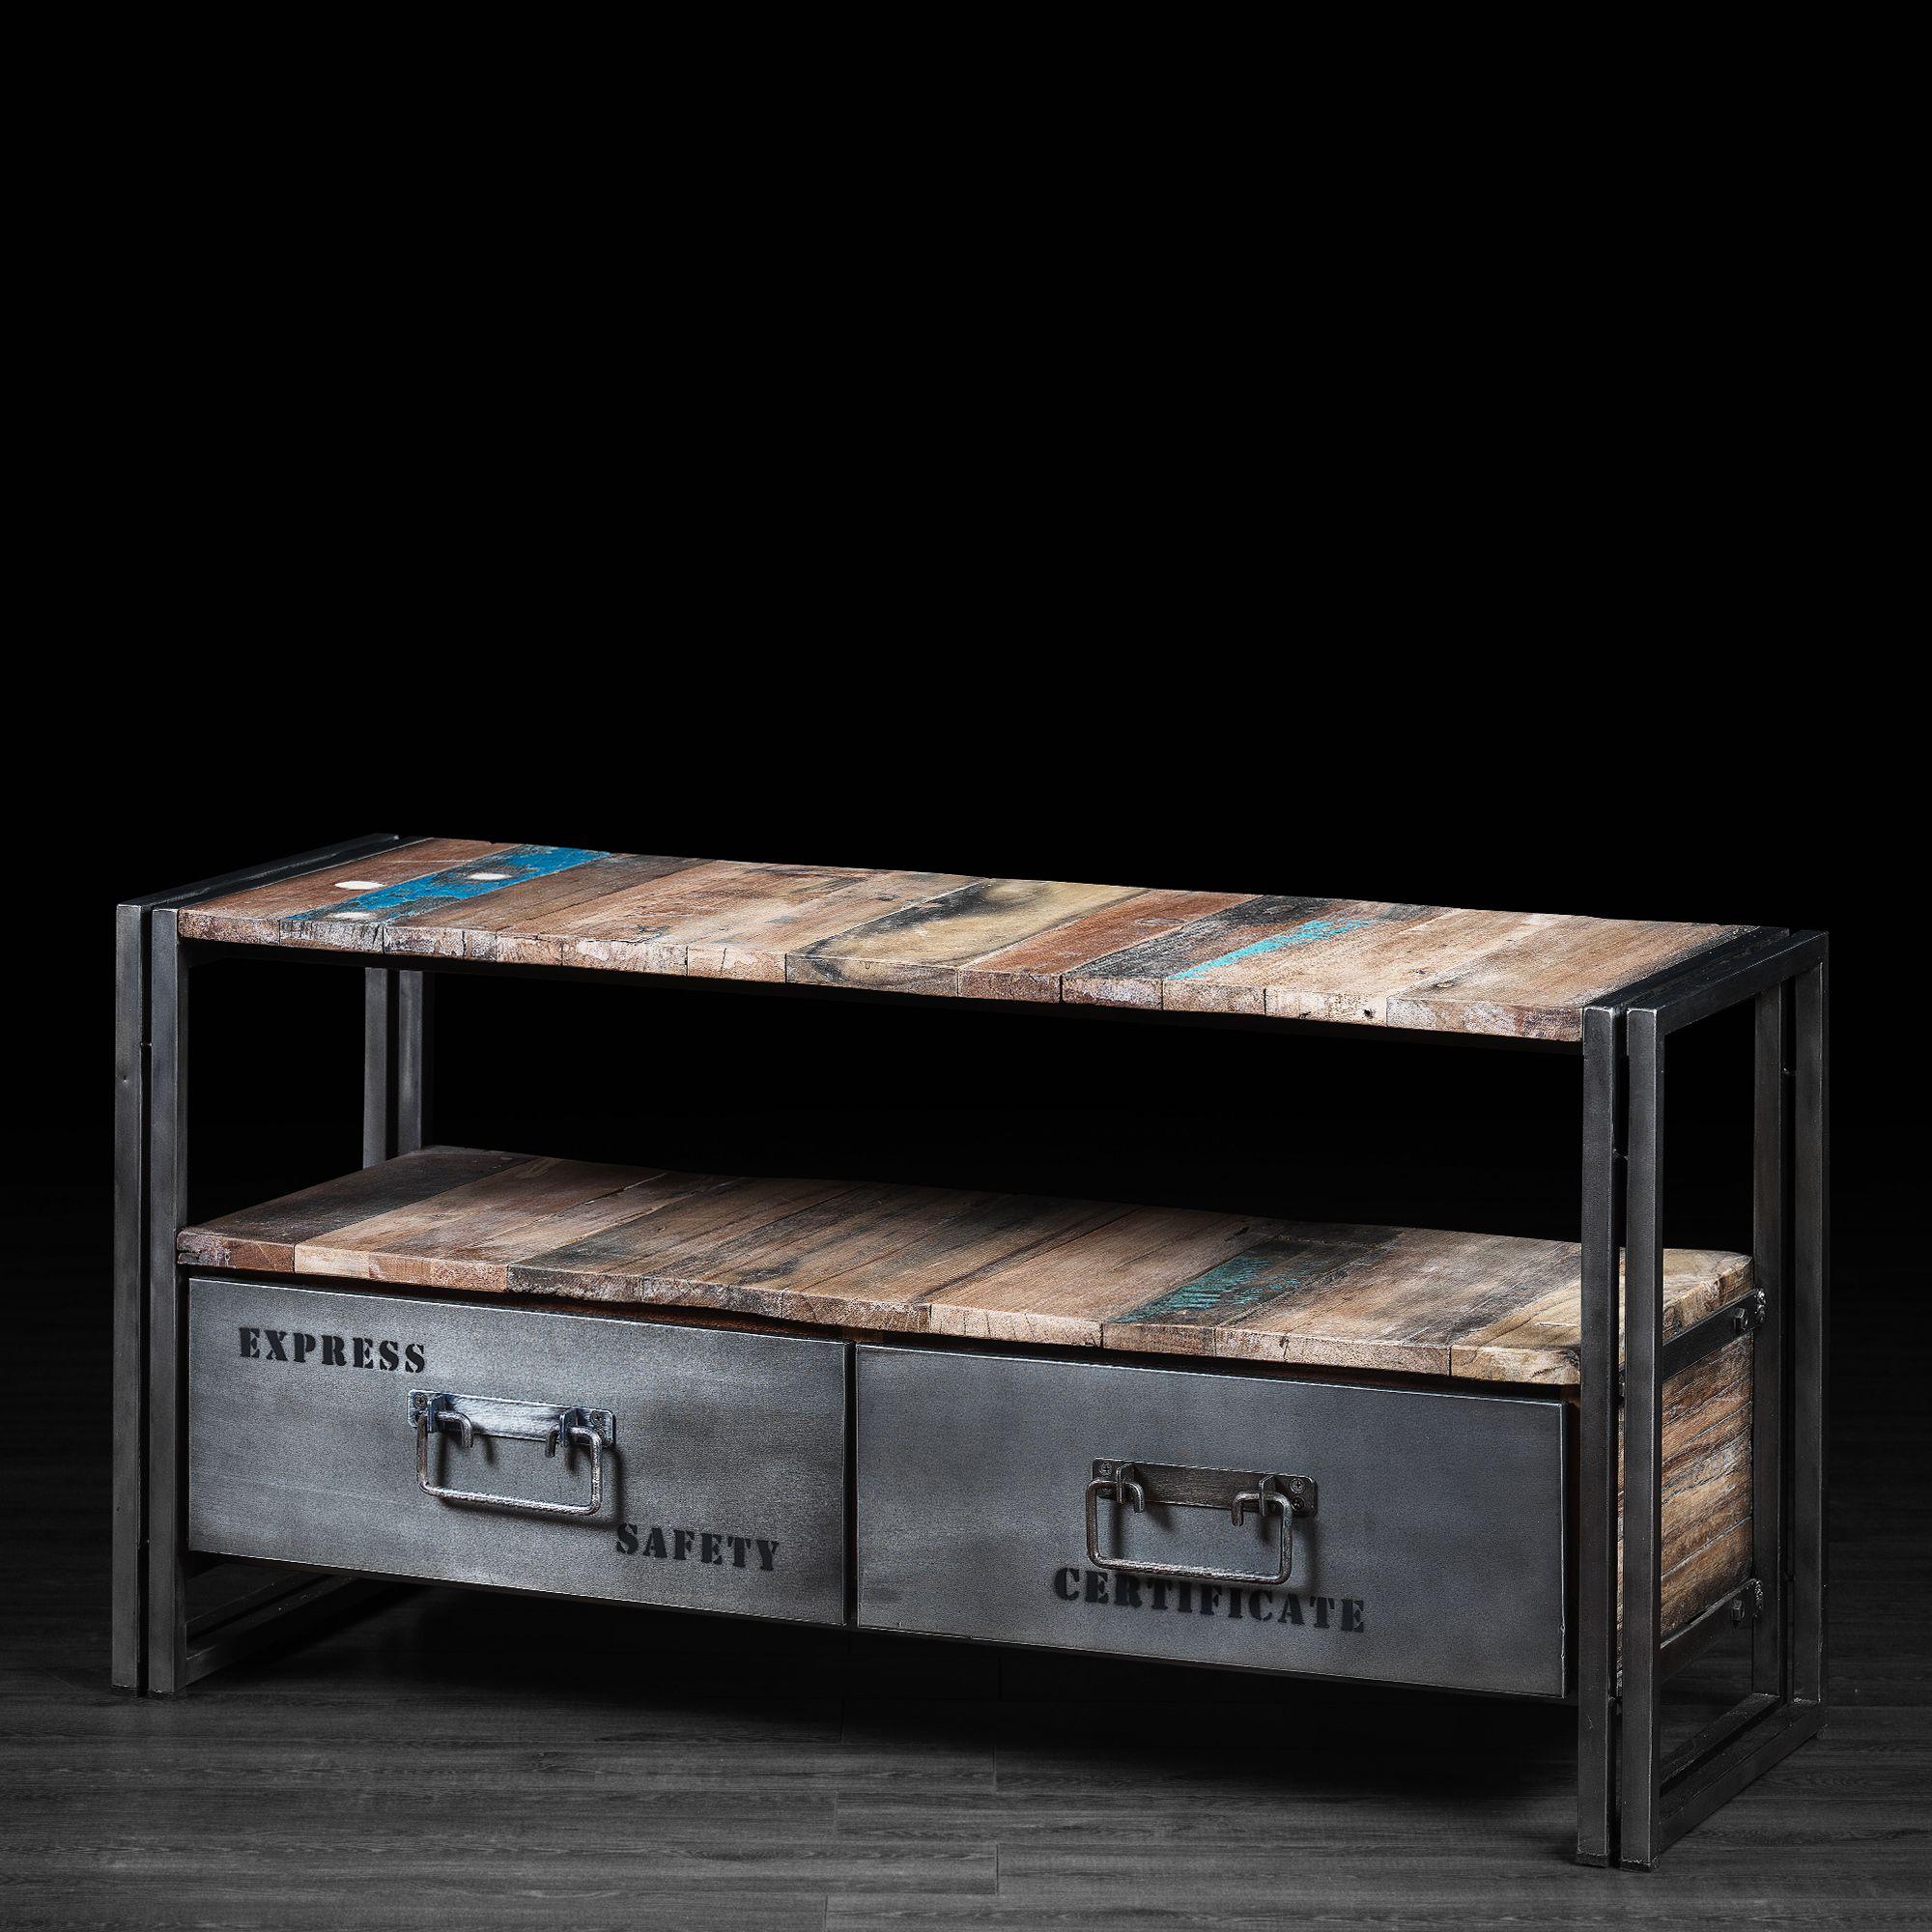 petit meuble t l vison 2 tiroirs en m tal et bois recycl de vieux bateaux atelier pinterest. Black Bedroom Furniture Sets. Home Design Ideas